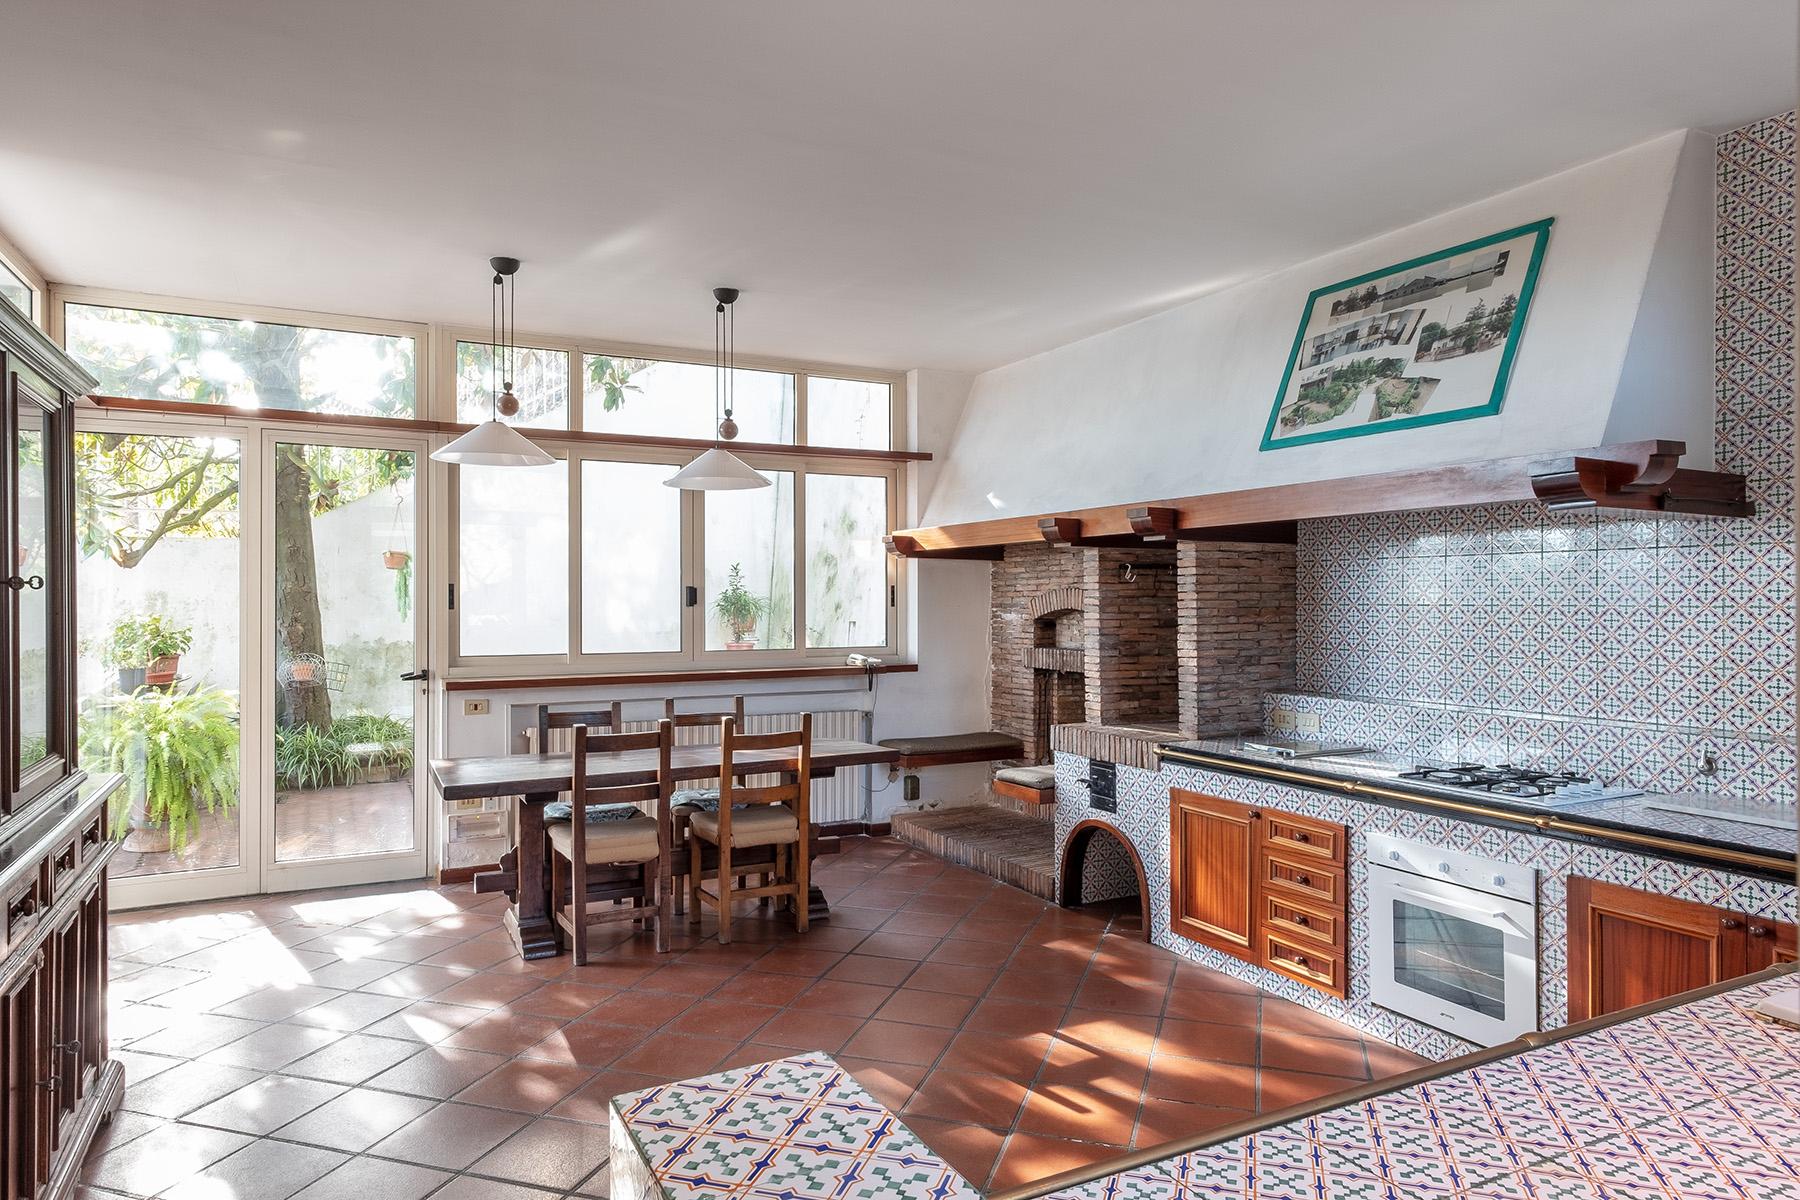 Villa in Vendita a Napoli: 5 locali, 600 mq - Foto 8